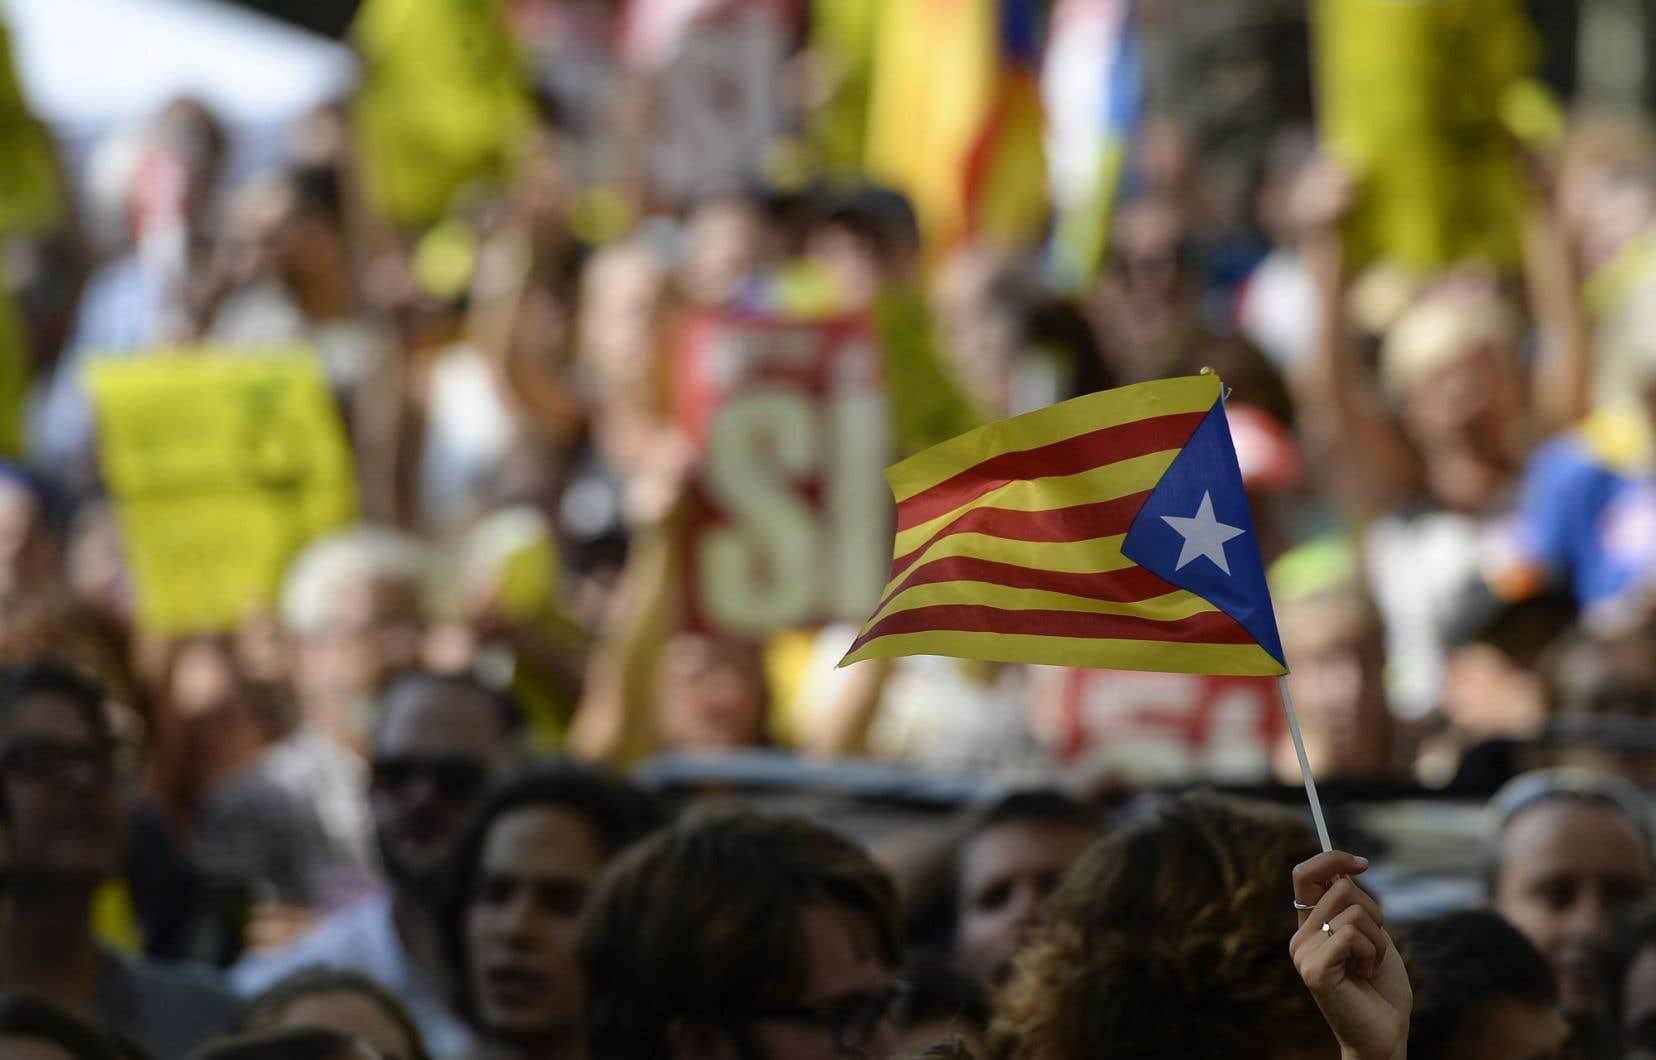 À quelques jours du référendum sur l'indépendance de la Catalogne, une vingtaine d'opérations policières ont débouché sur l'arrestation de 14 cadres du gouvernement régional catalan et la saisie de millions de bulletins de vote.